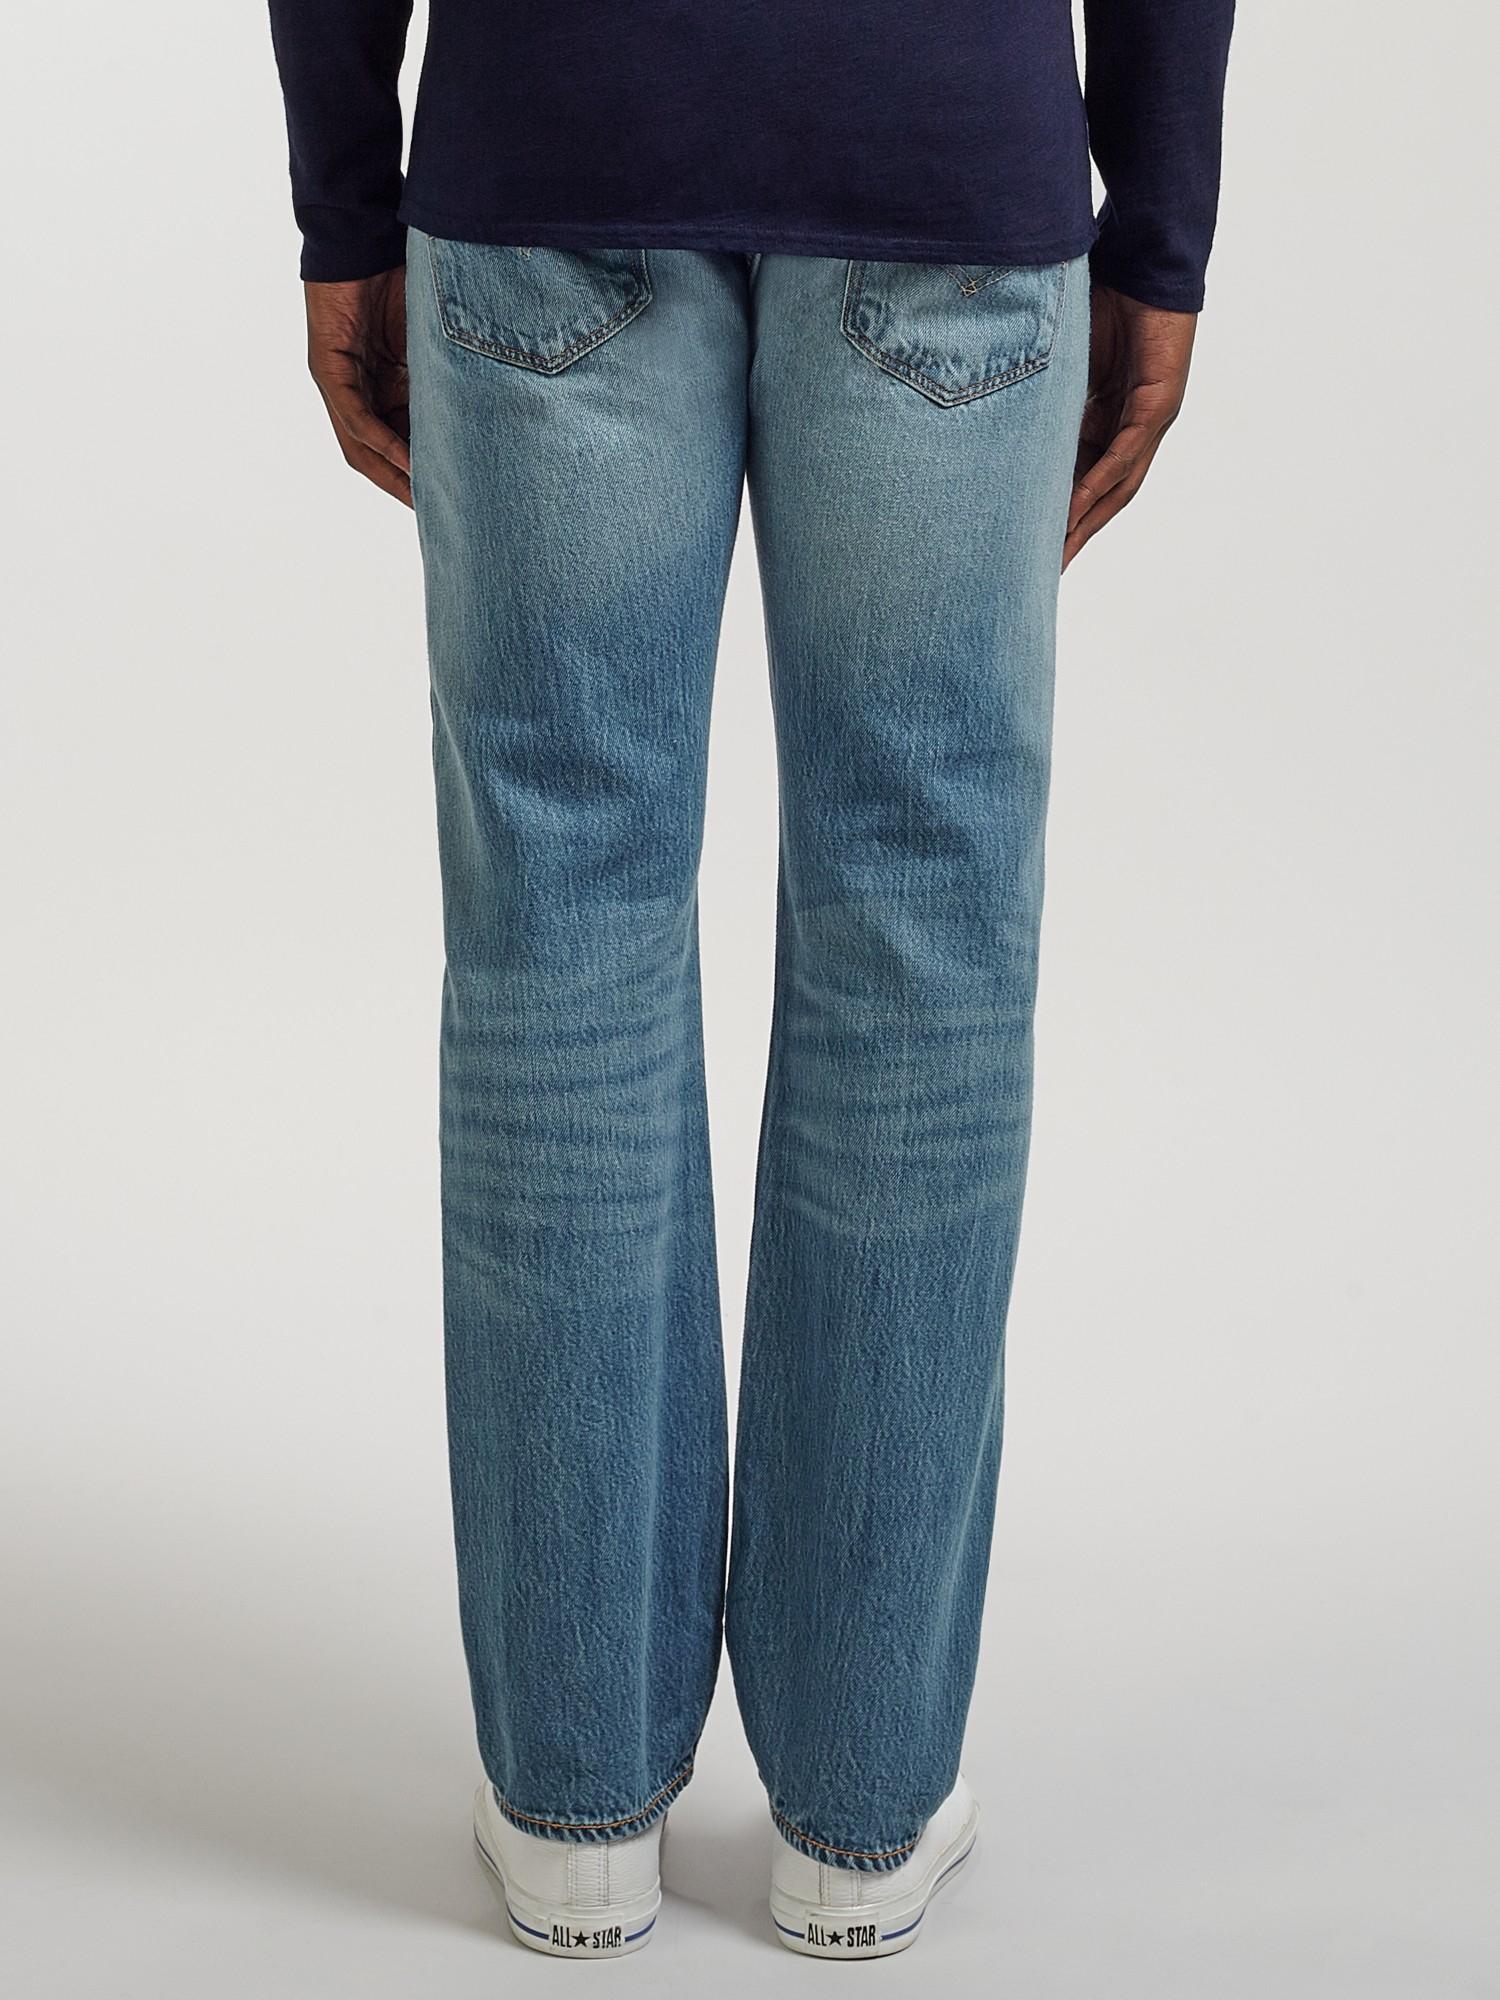 Levi's 501 Mens Premium Original Fit Jeans Mens Jeans Buy Jeans for Men COLOUR-hook